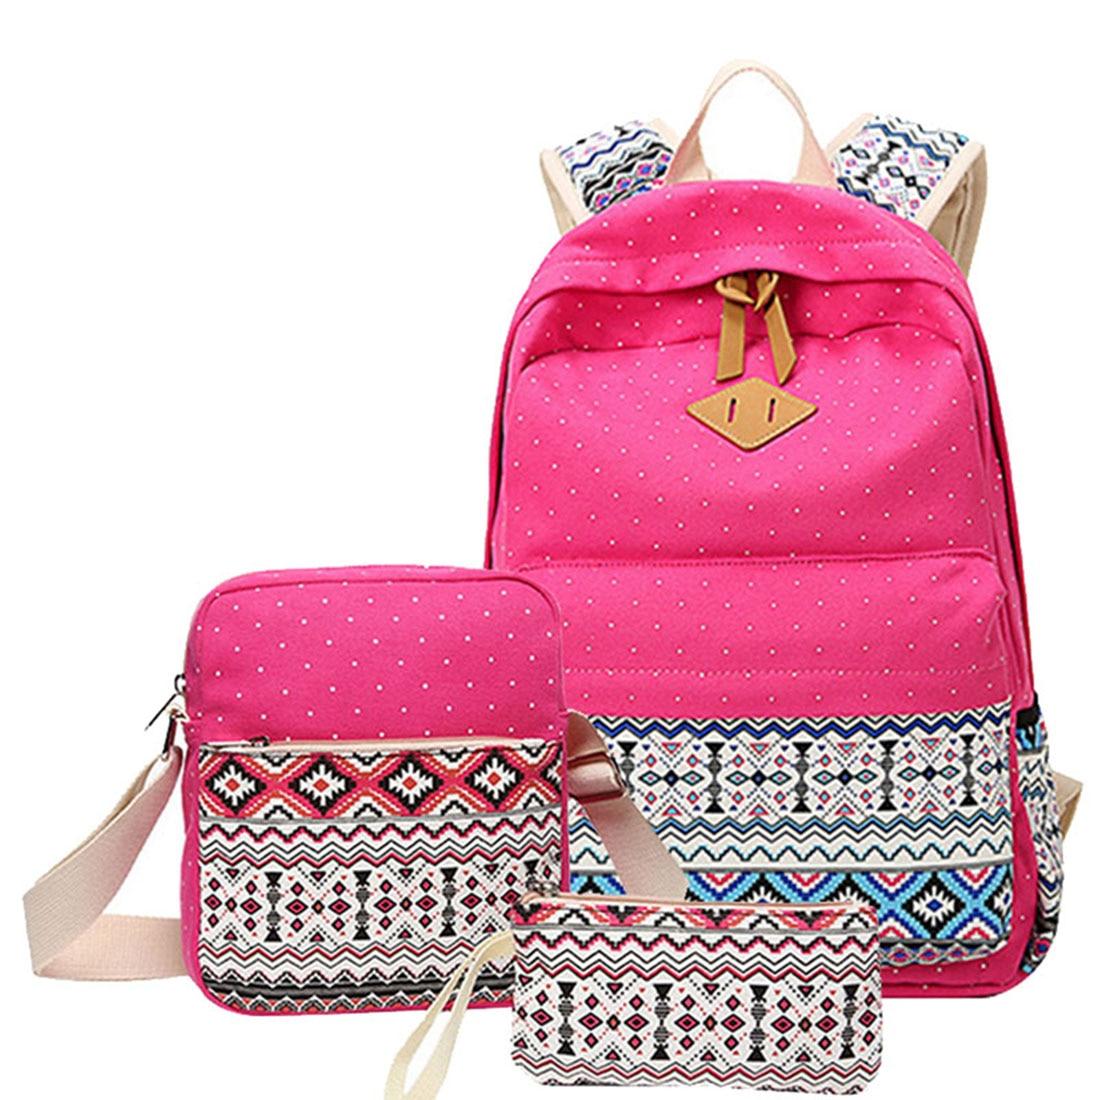 086bd6c7184 US $8.26 |3 pcs/set Canvas Printing Backpack Women School Backpacks Bag for  Teenage Girls Vintage Laptop Rucksack Bagpack Female Schoolbag-in ...